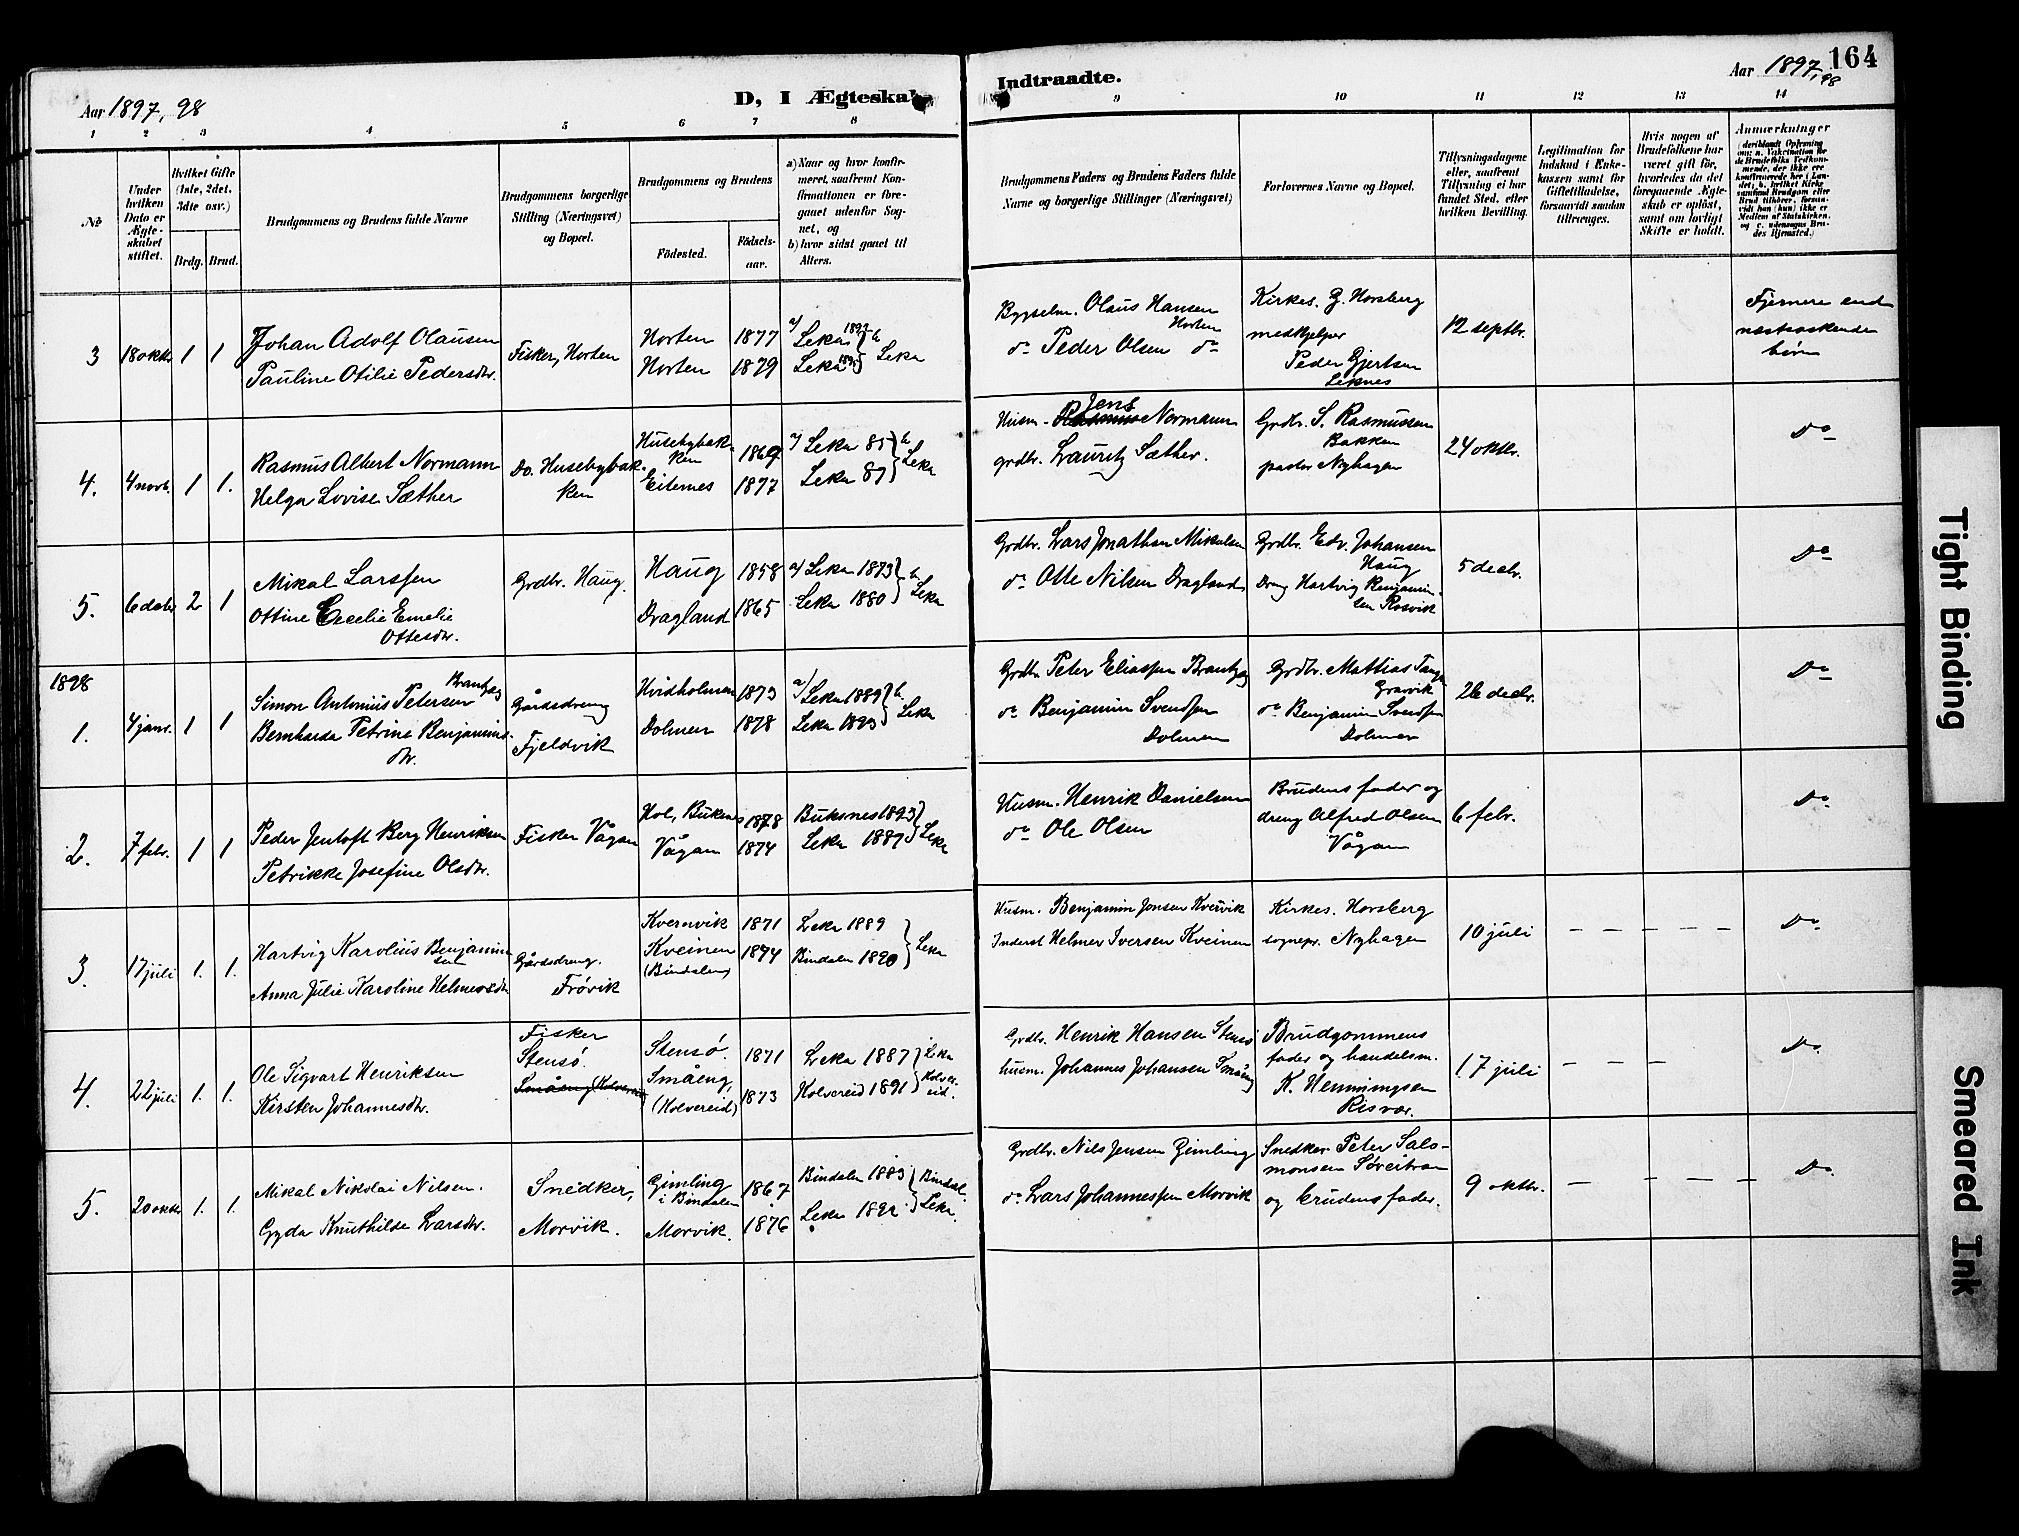 SAT, Ministerialprotokoller, klokkerbøker og fødselsregistre - Nord-Trøndelag, 788/L0701: Klokkerbok nr. 788C01, 1888-1913, s. 164